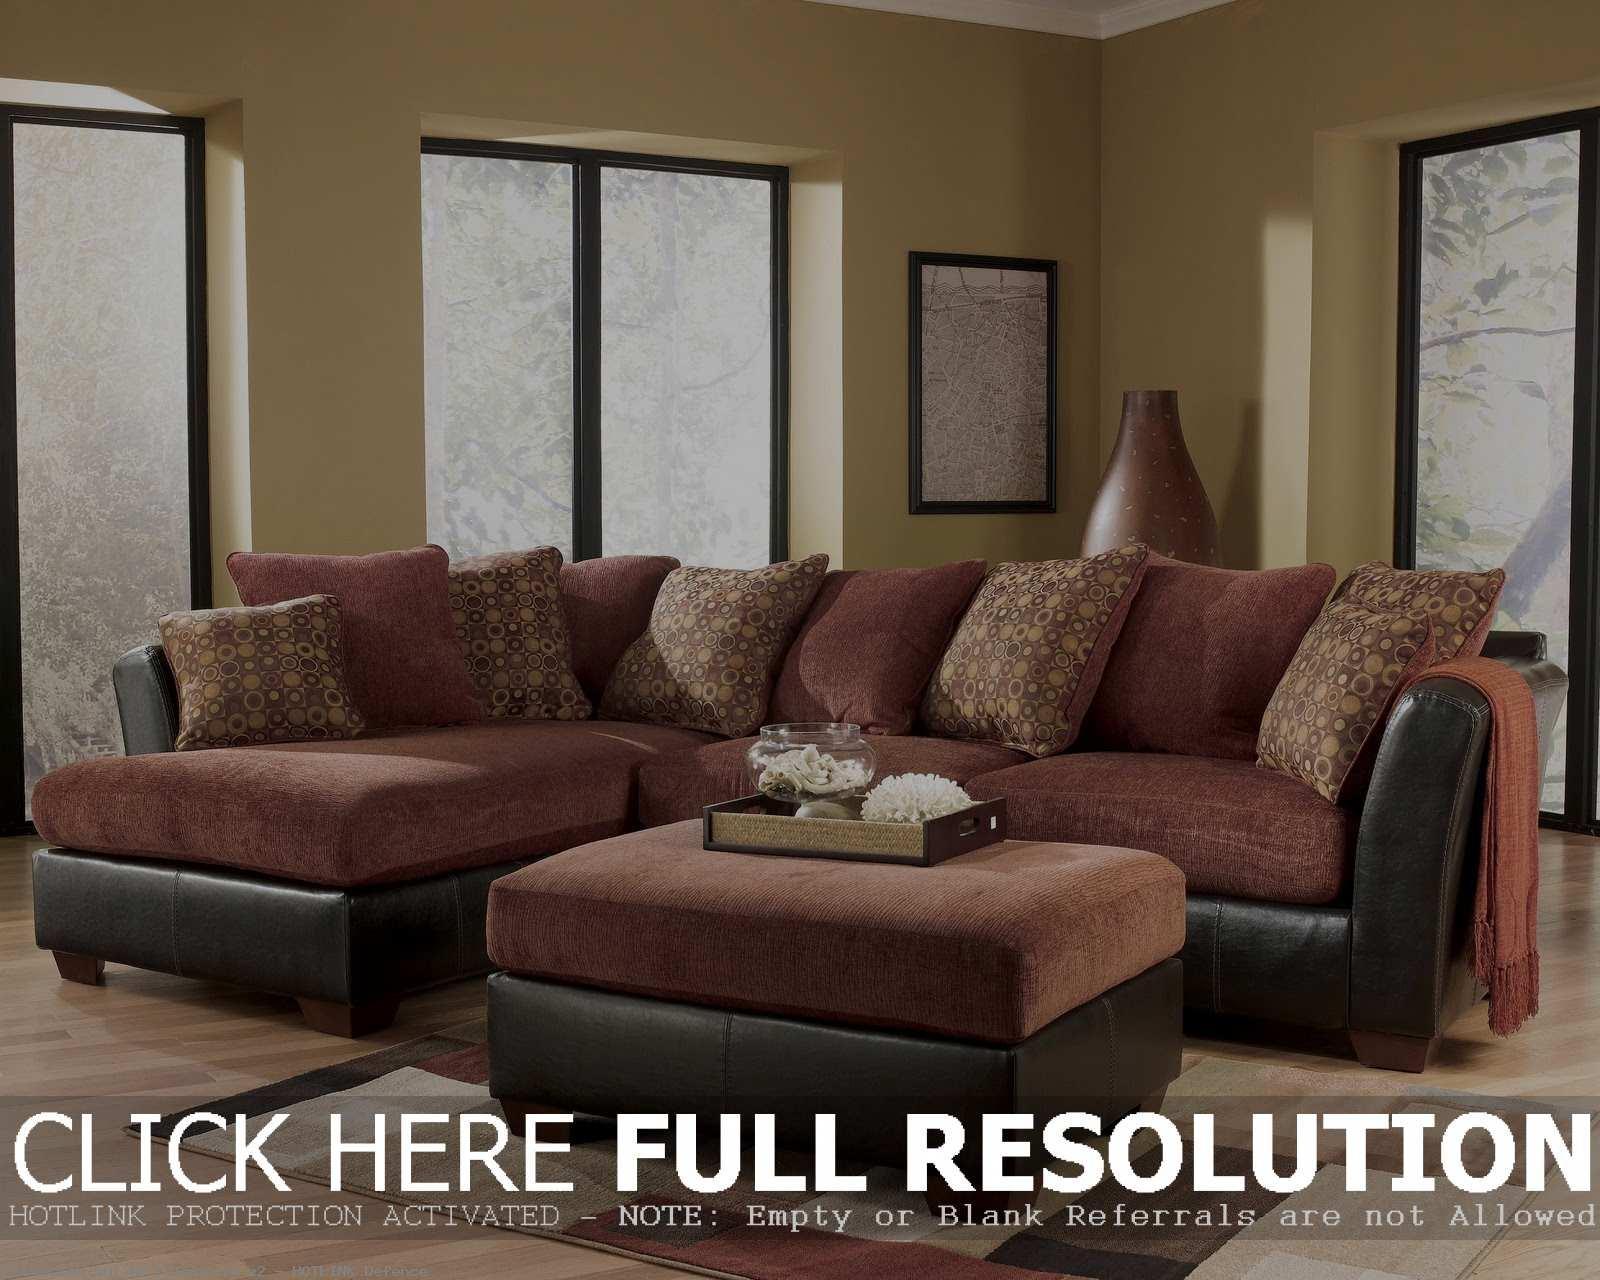 Cottage Sofas Ashley Furniture | Tehranmix Decoration Within Sectional Sofas Ashley Furniture (View 8 of 20)